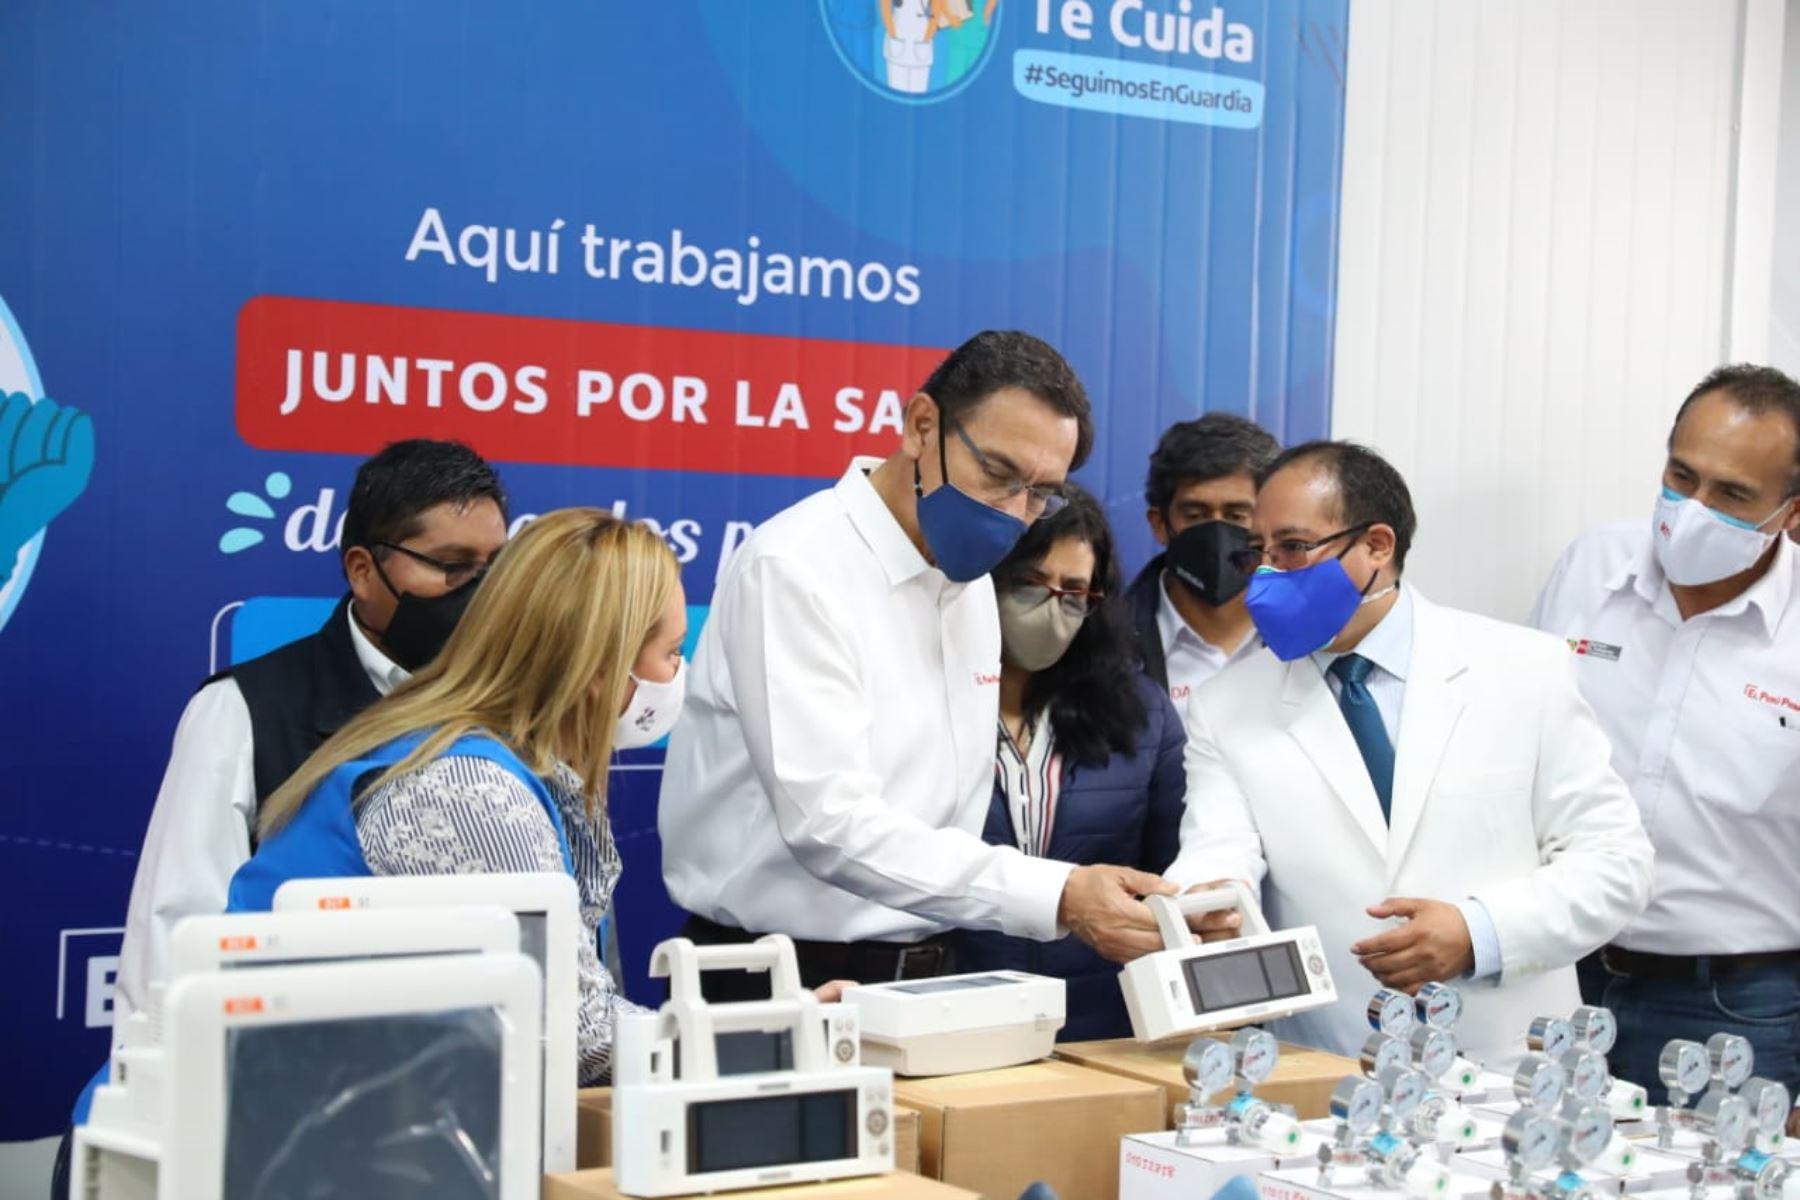 Presidente Martín Vizcarra inspecciona Hospital Viñani de Essalud en Tacna. Lo acompaña la presidenta ejecutiva de EsSalud, Fiorella Molinelli. Foto: ANDINA/Prensa Presidencia